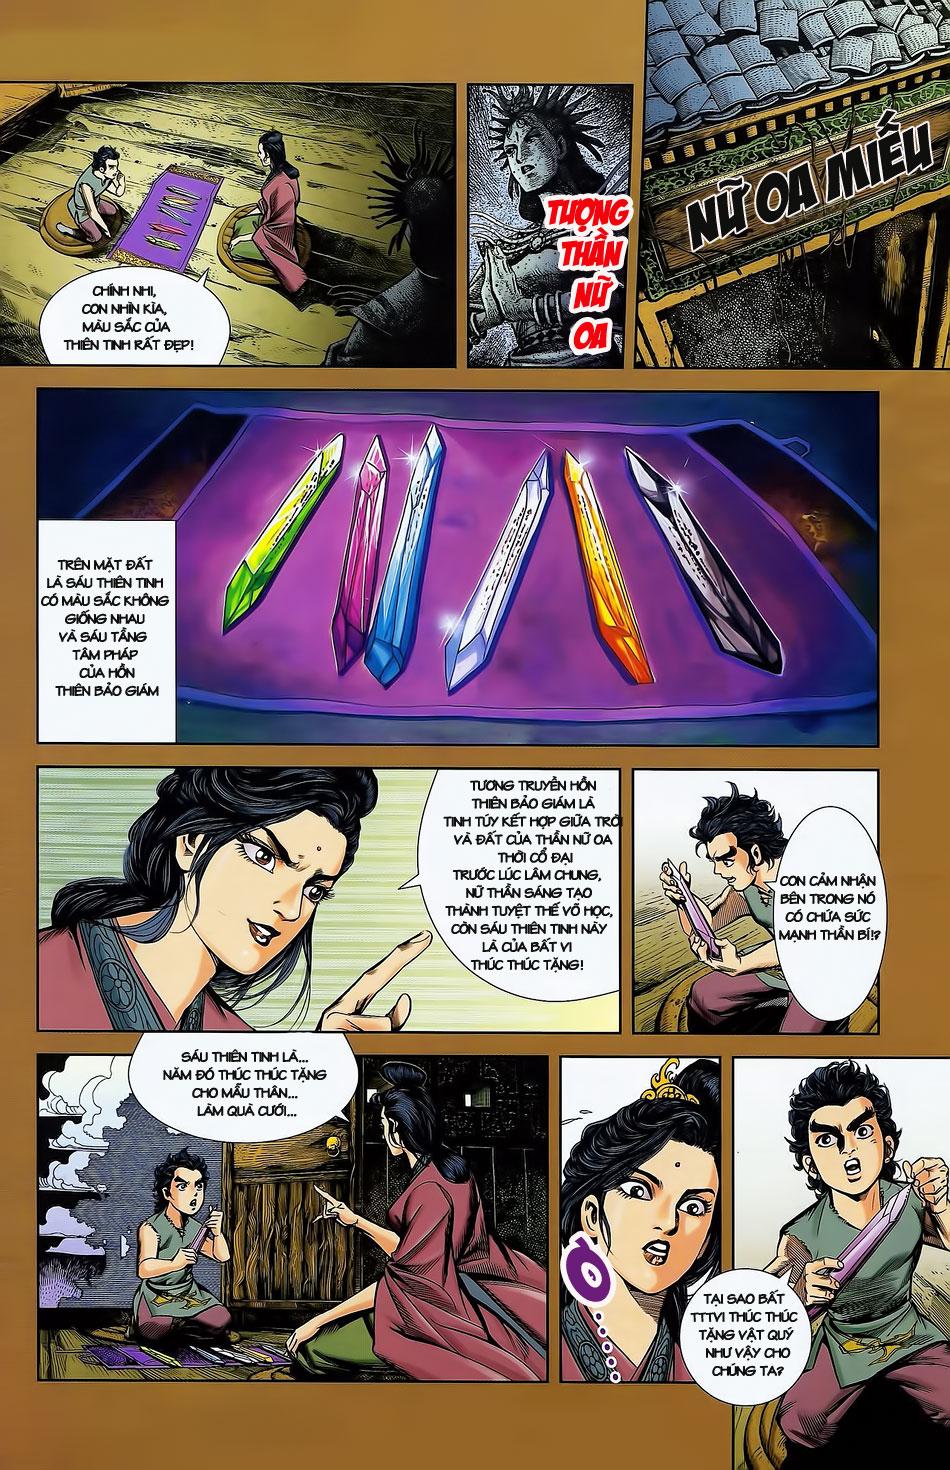 Tần Vương Doanh Chính chapter 2 trang 6